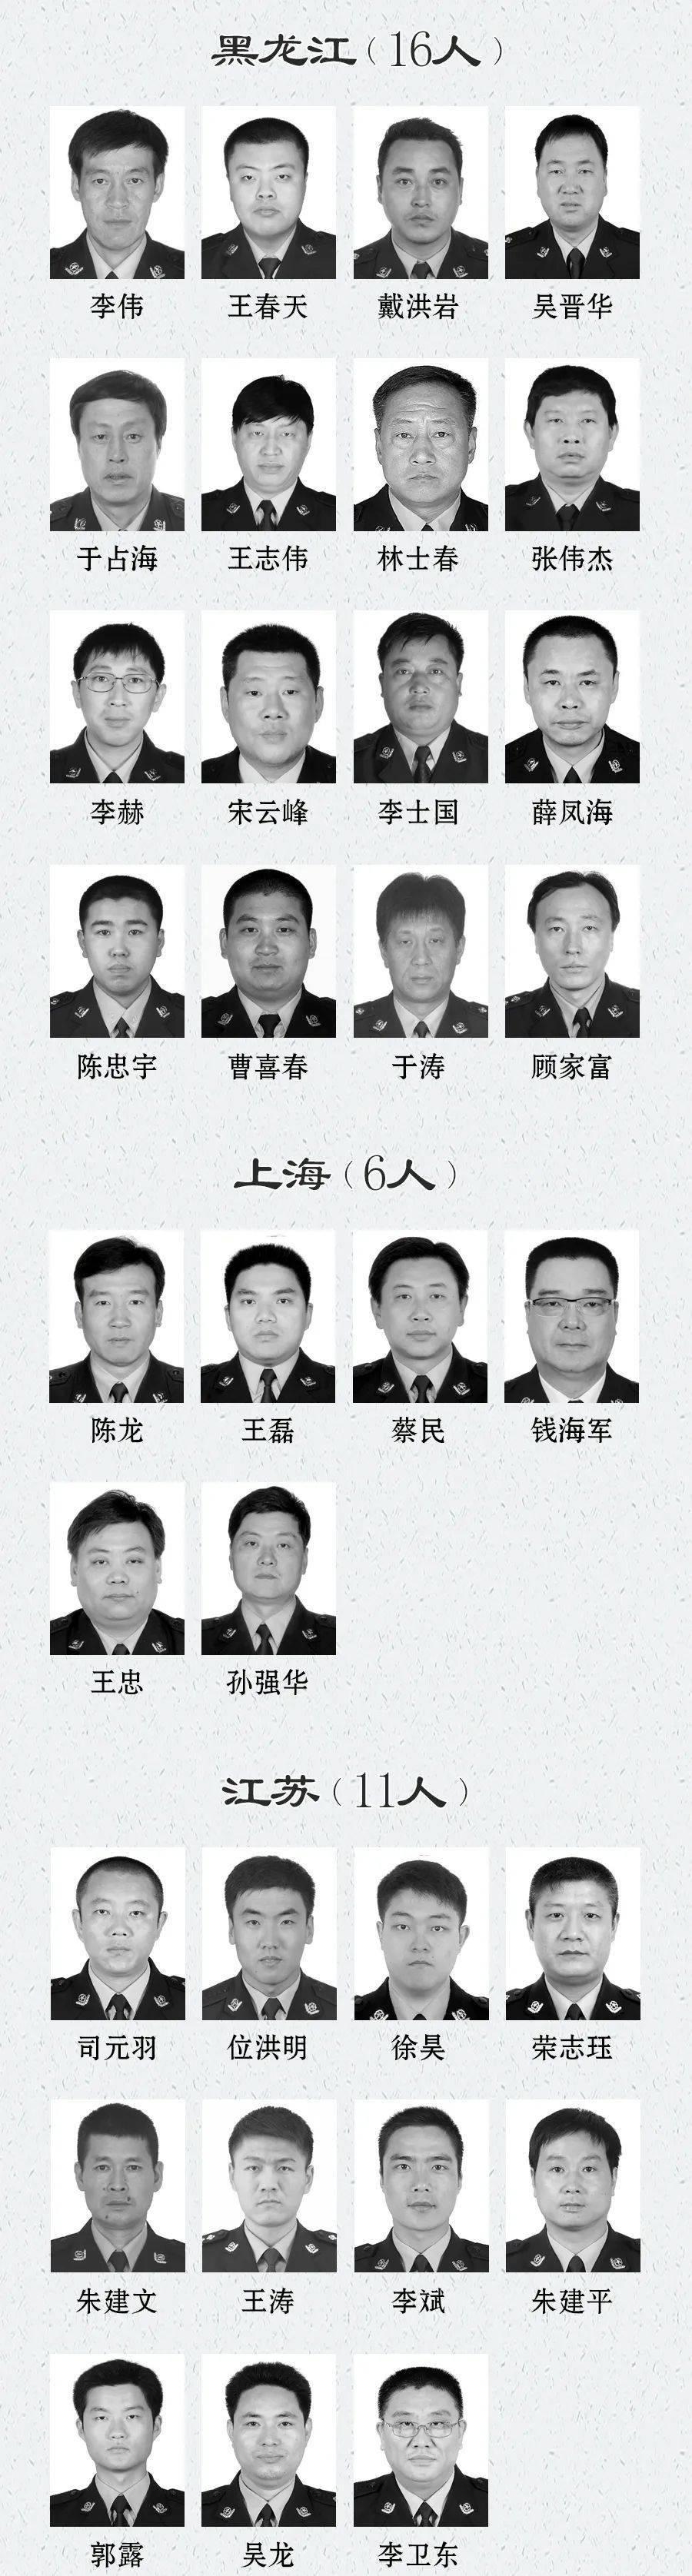 天顺娱乐app-首页【1.1.9】  第3张